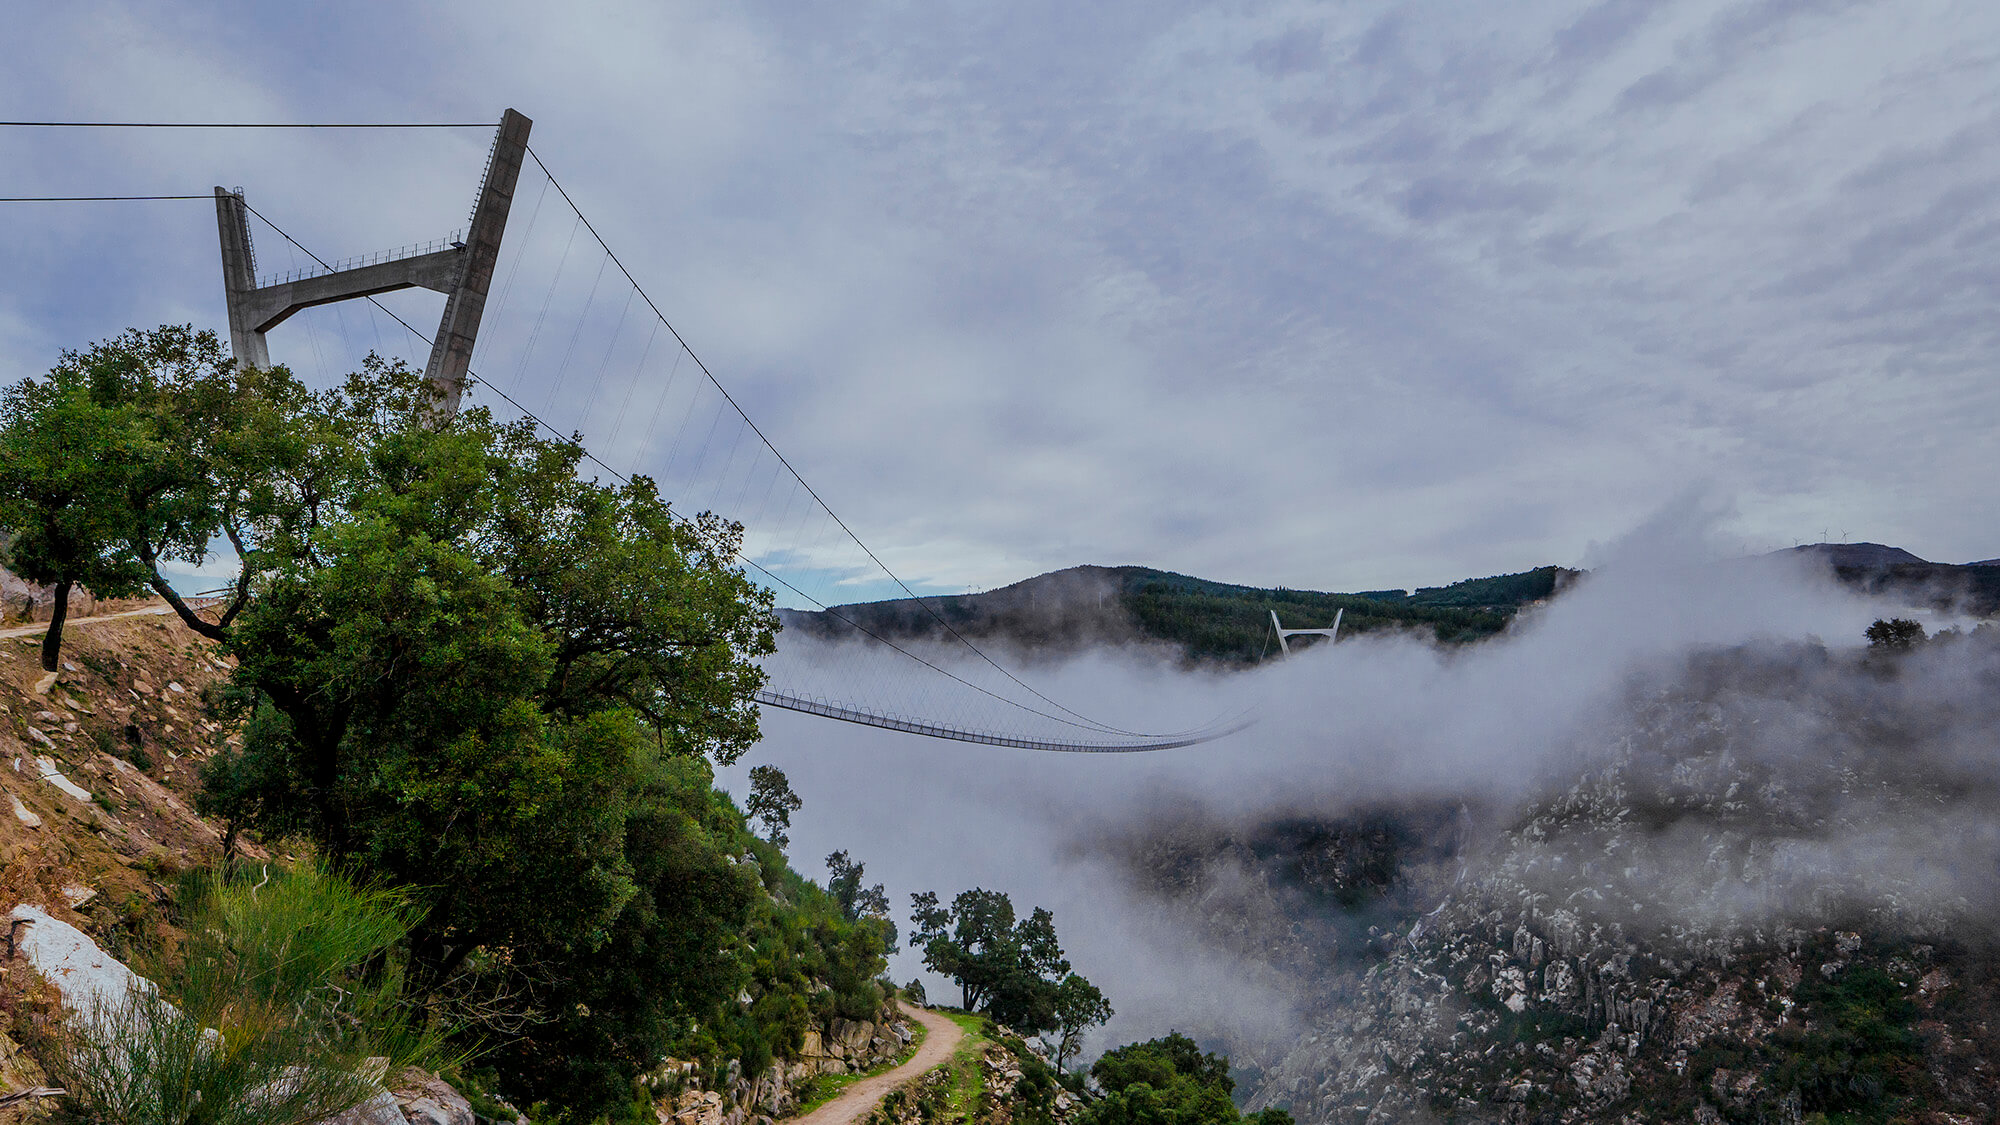 516 Arouca a maior ponte suspensa pedonal do mundo será inaugurada a 2 de maio